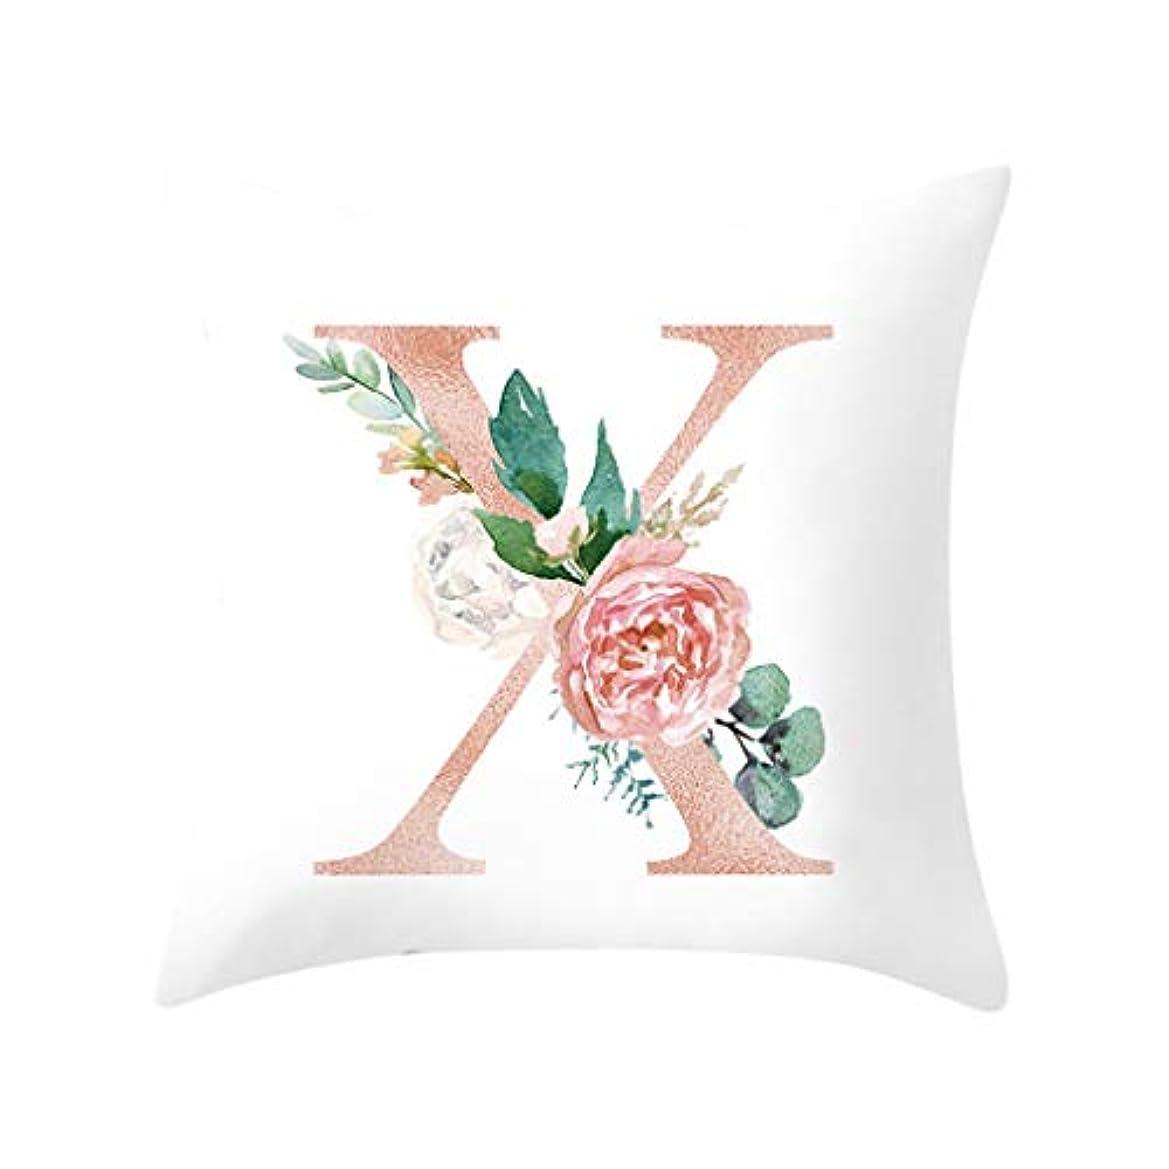 夕方おもちゃナチュラルLIFE 装飾クッションソファ手紙枕アルファベットクッション印刷ソファ家の装飾の花枕 coussin decoratif クッション 椅子